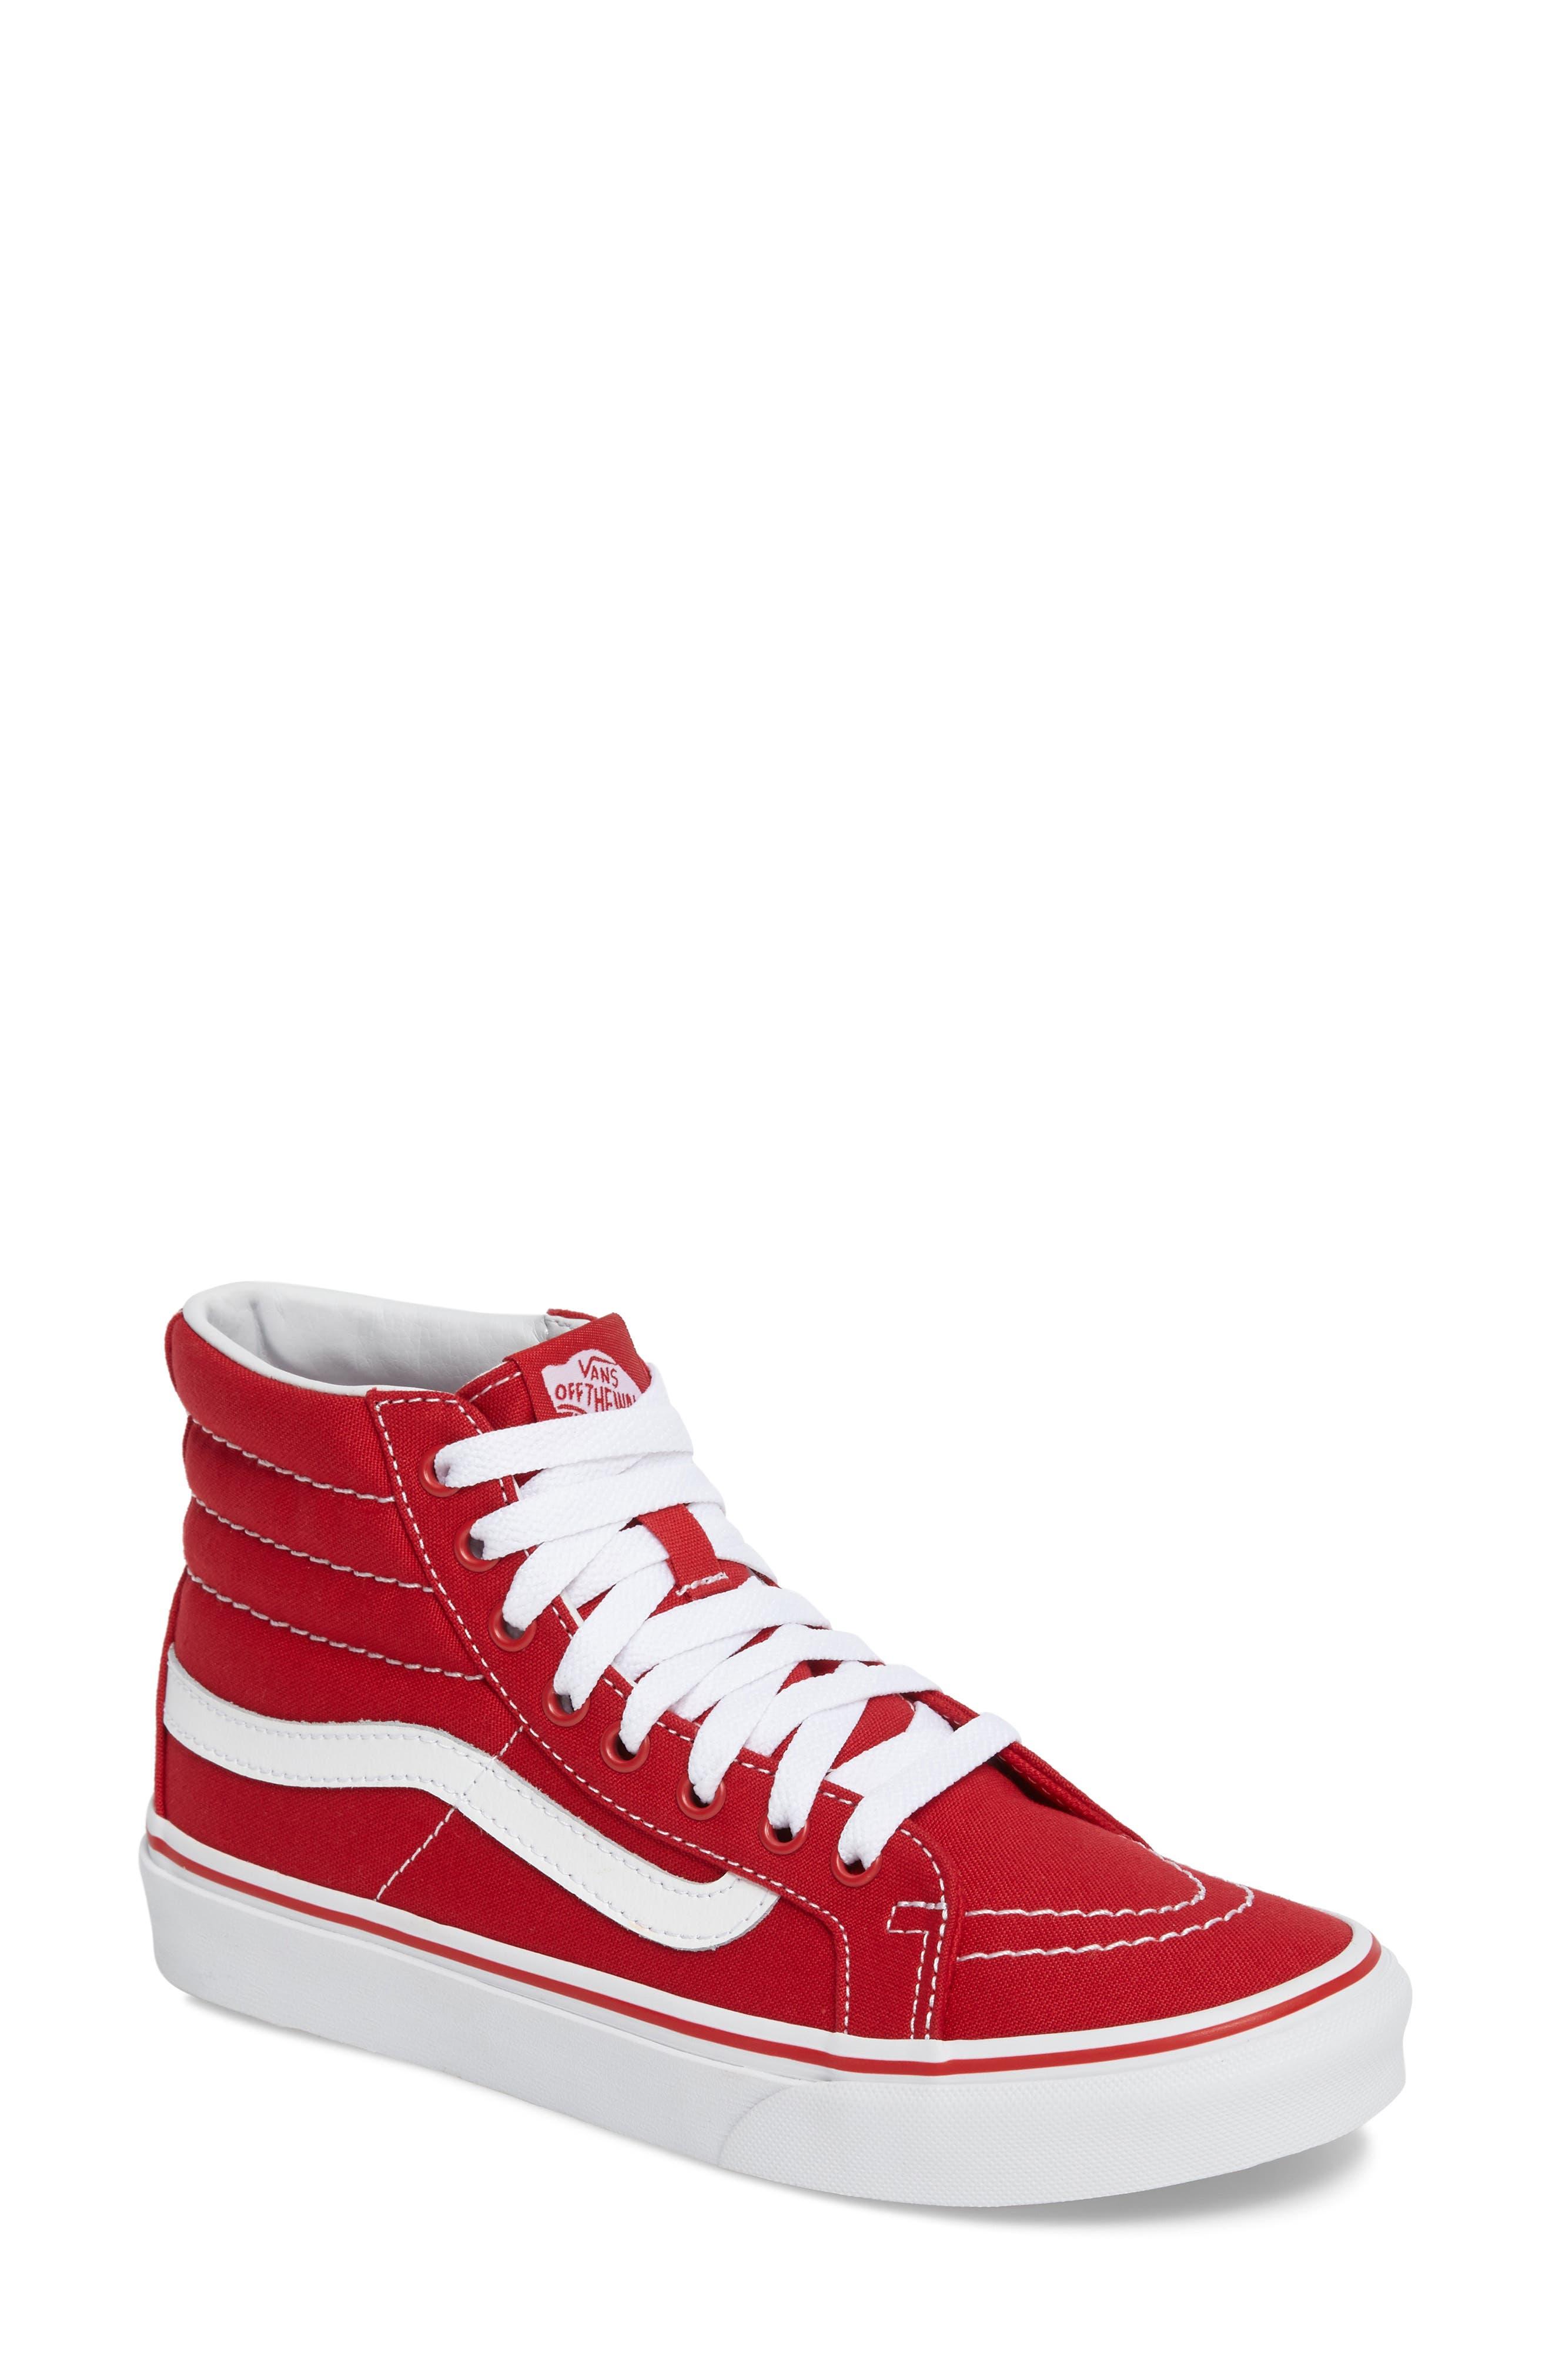 Main Image - Vans 'Sk8-Hi Slim' Sneaker (Women)